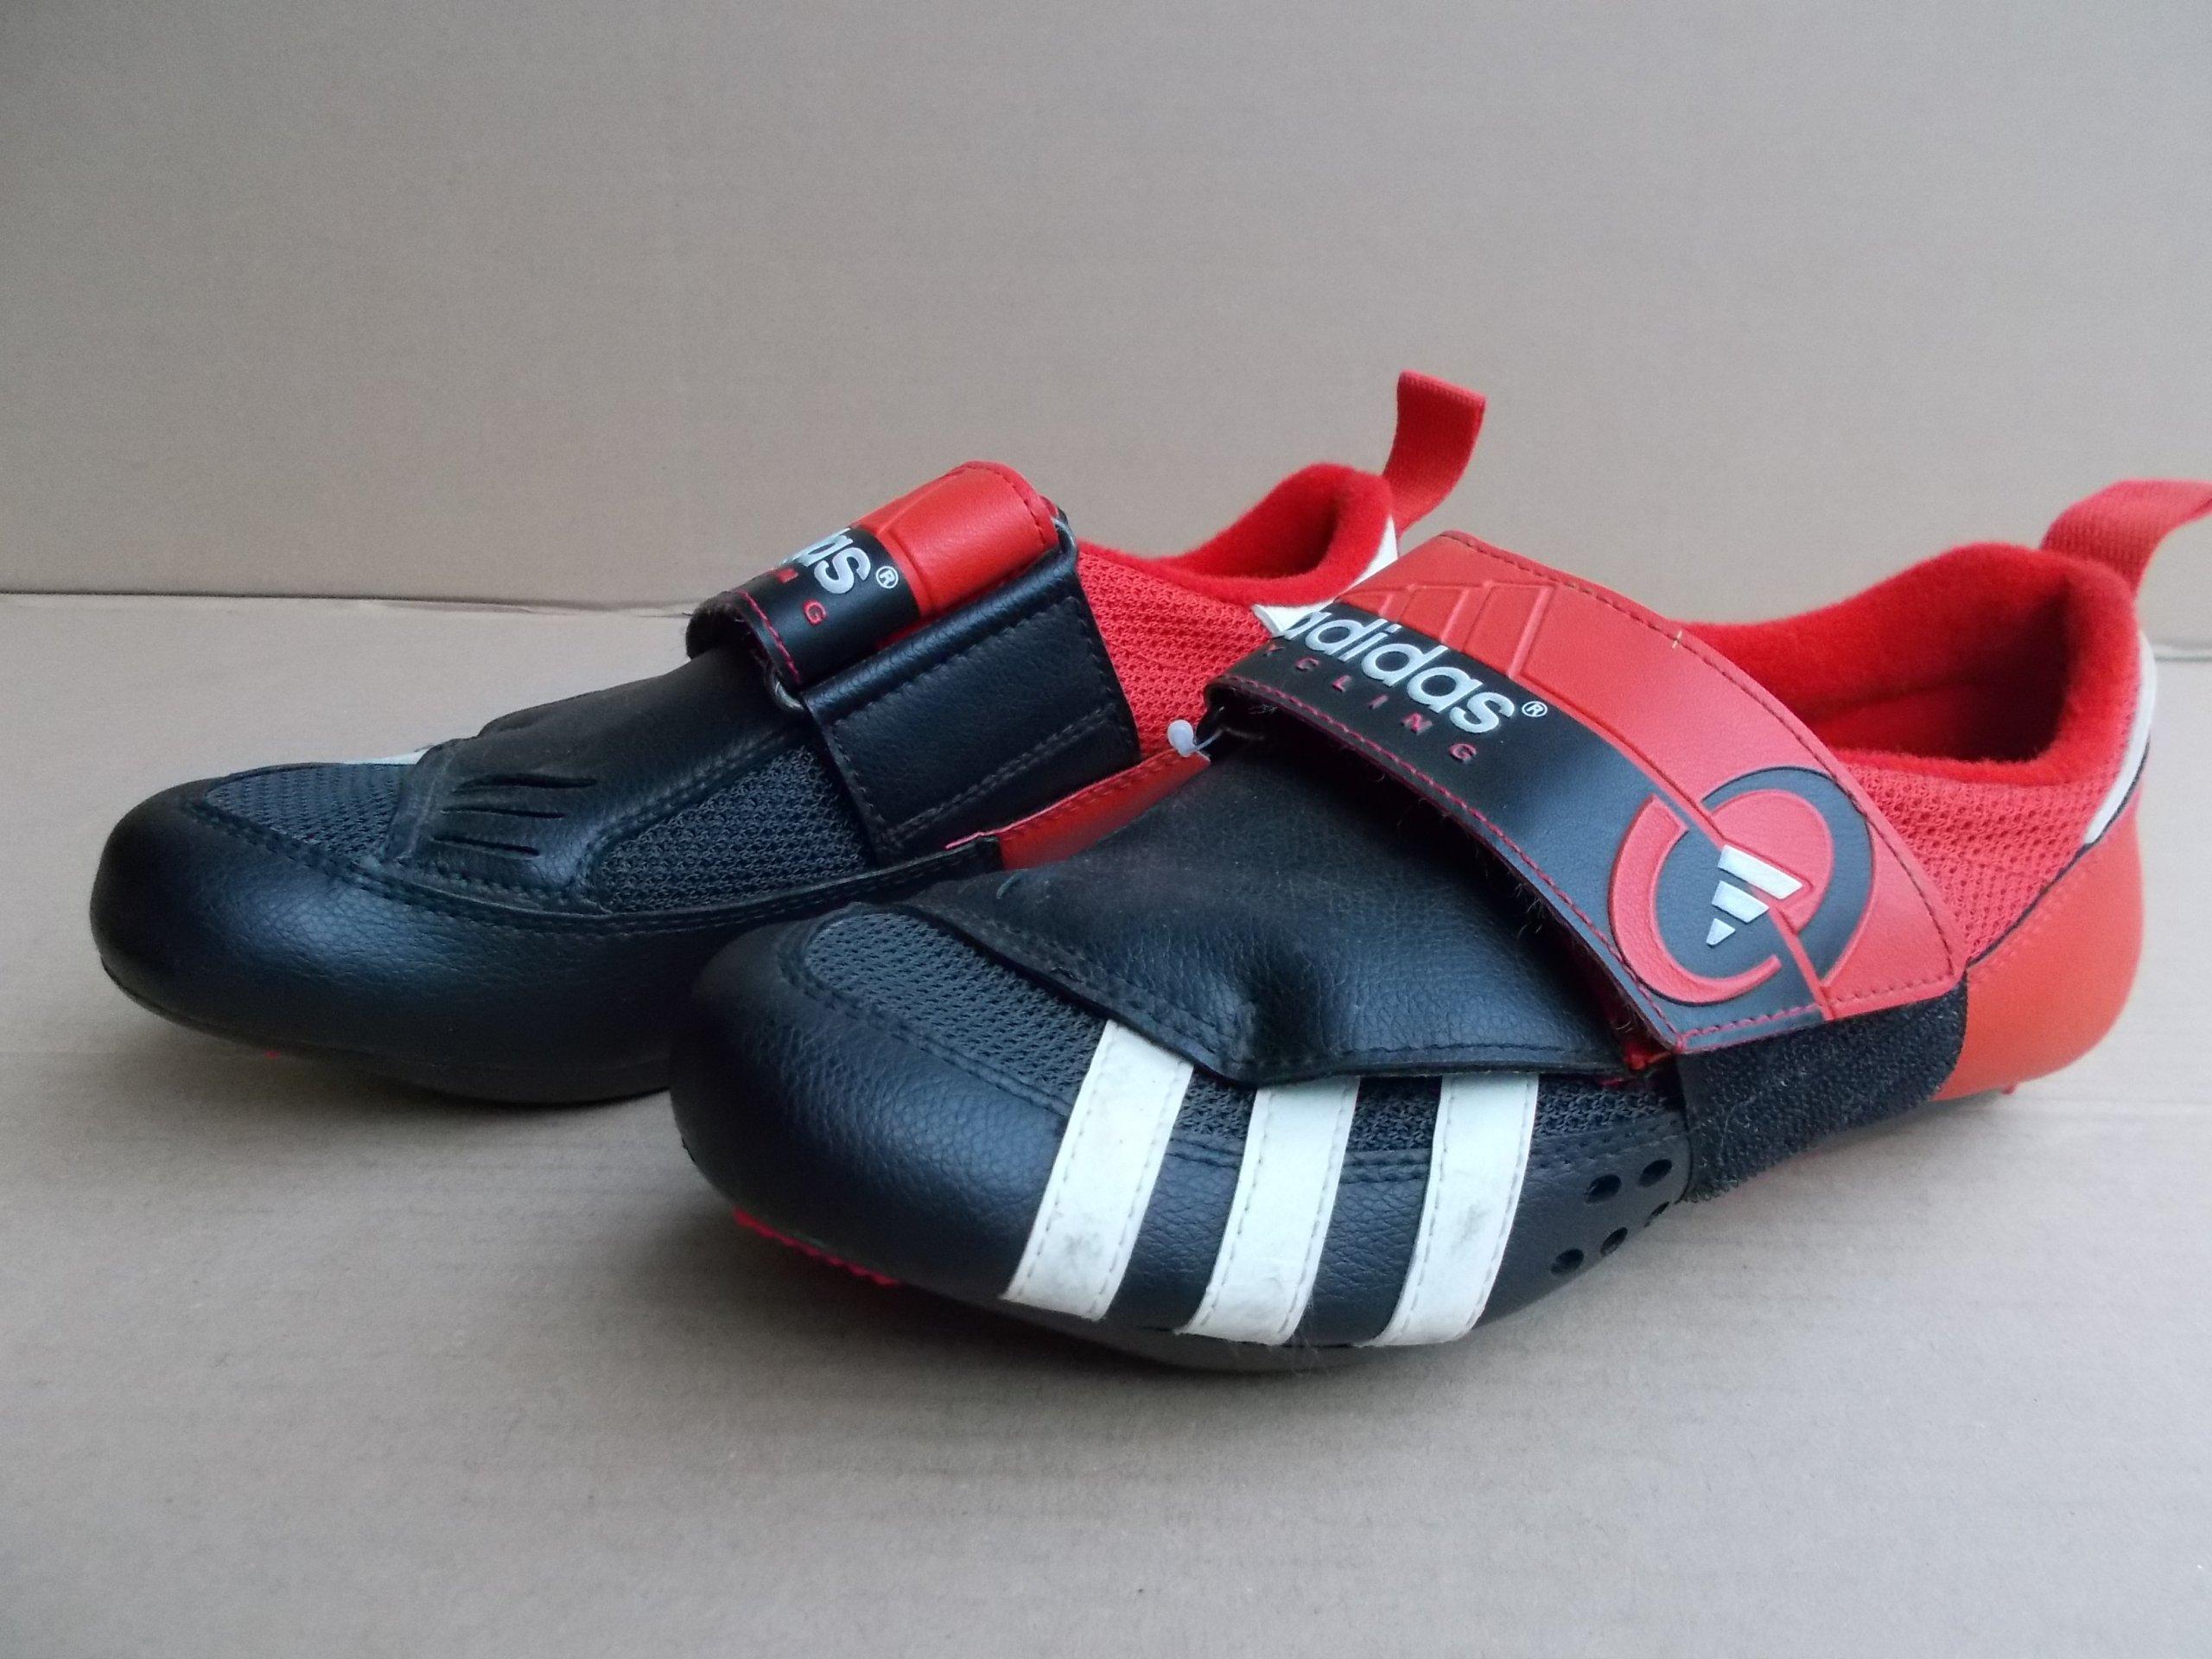 Buty Adidas Campiolo S Roz. 38. Likwidacja sklepu